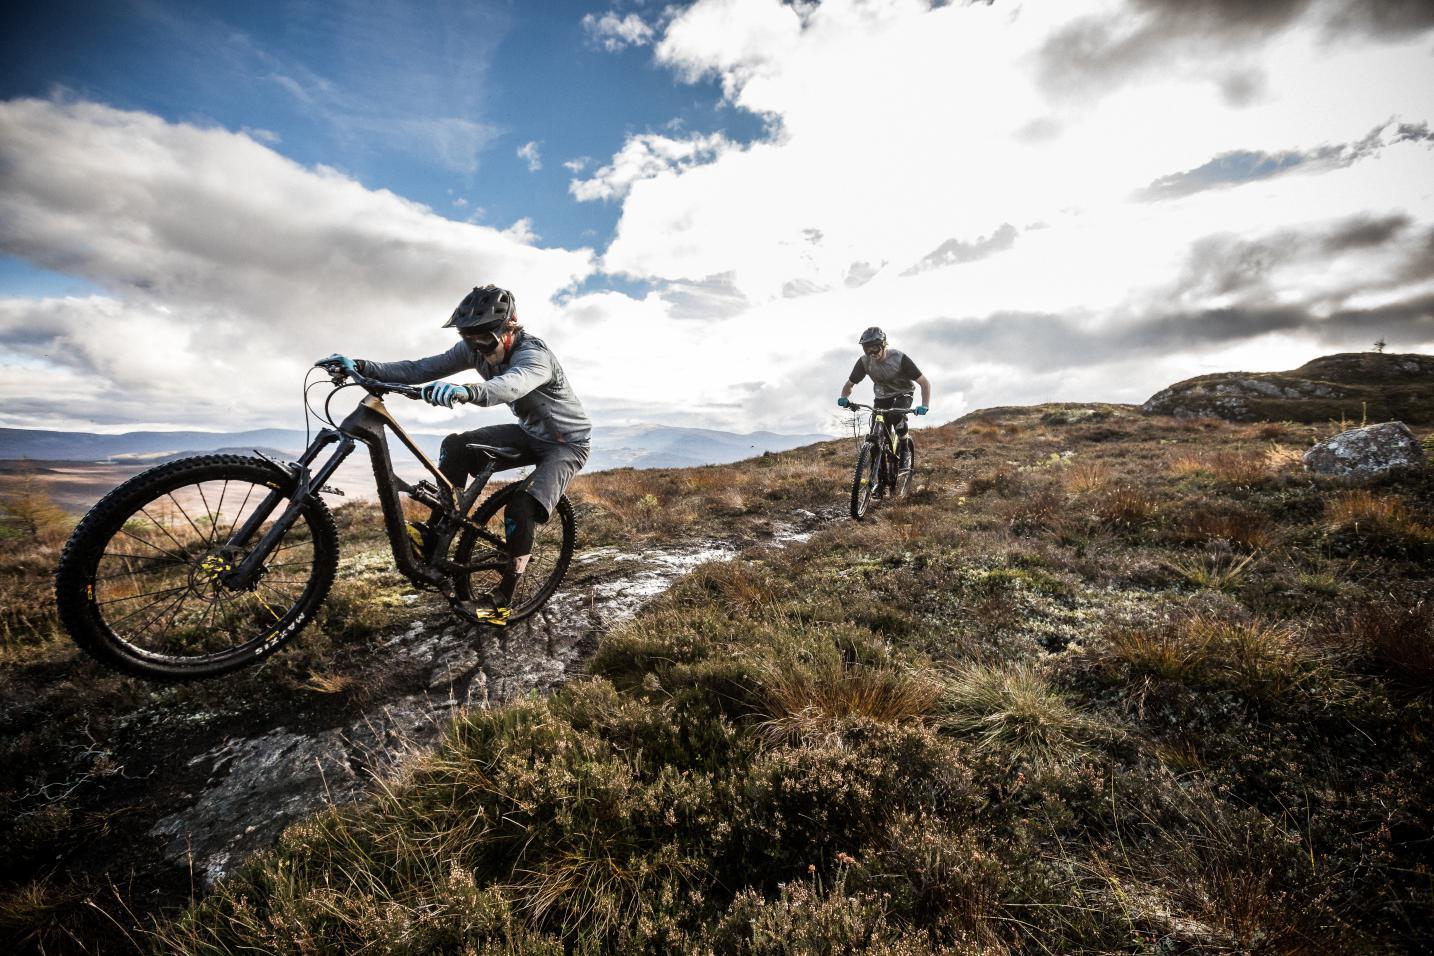 Canyon Updates Spectral Trail Bike, Drops Price - Singletracks Mountain Bike News